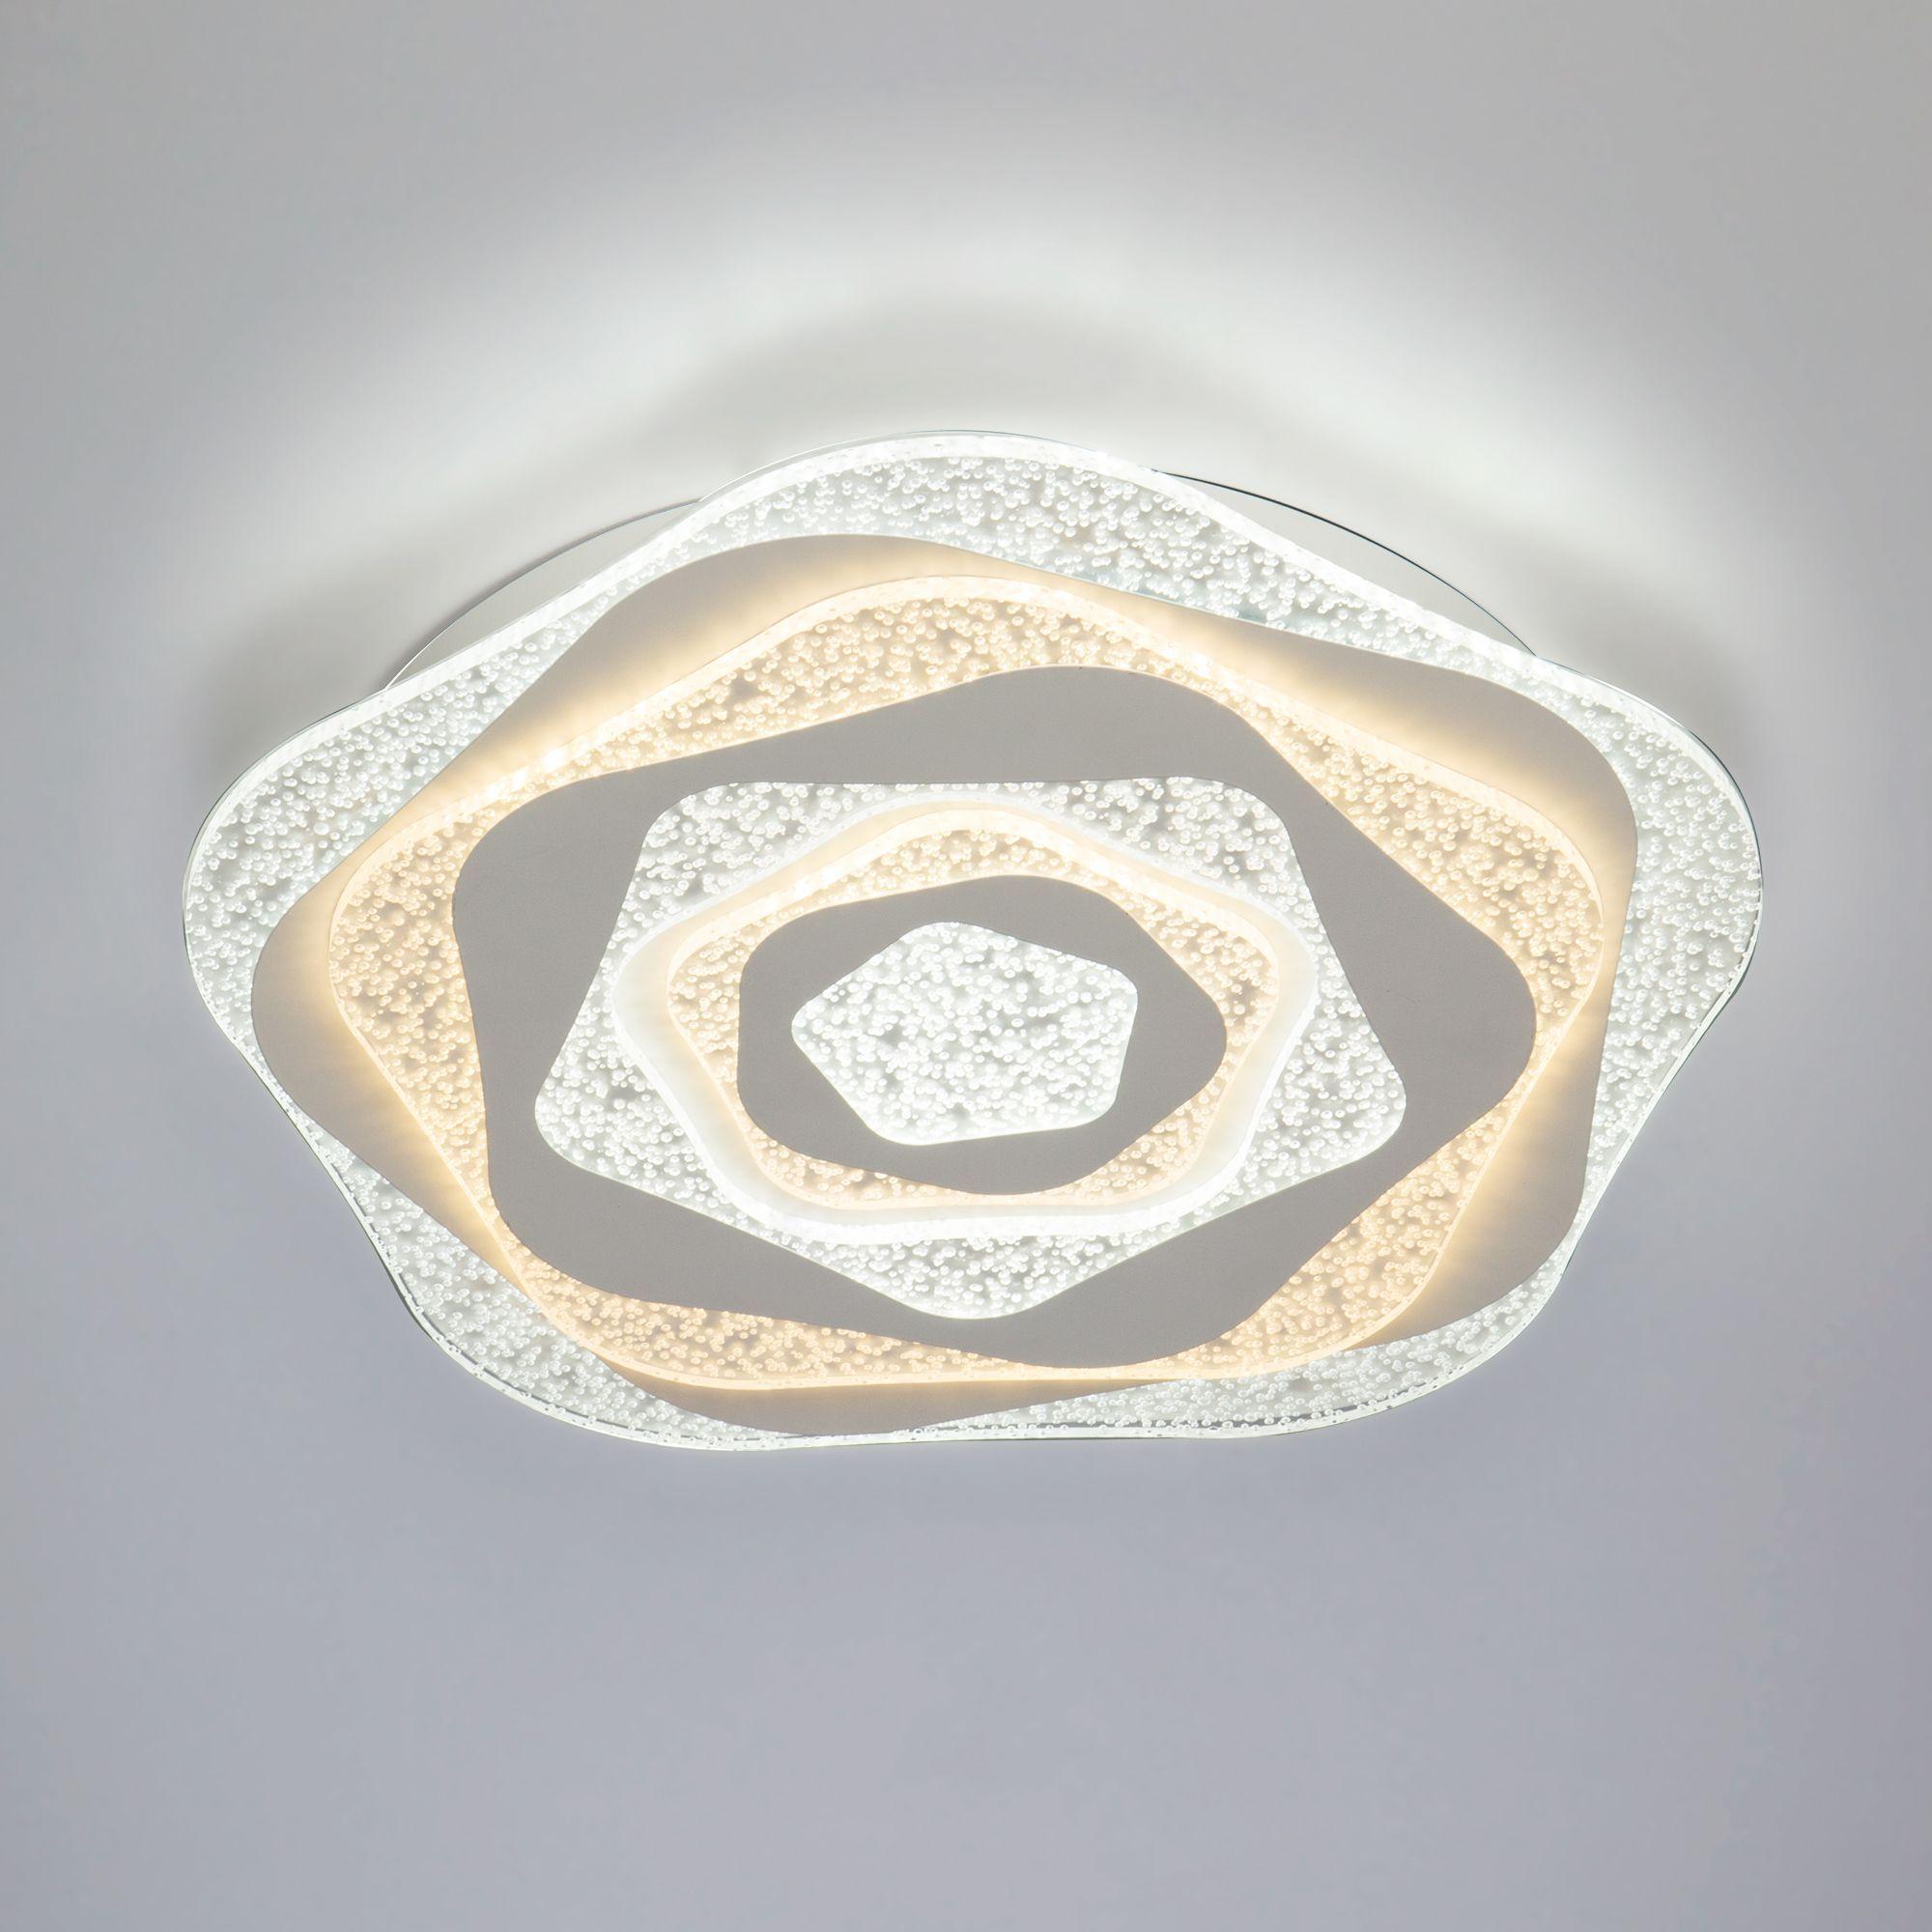 Светодиодный потолочный светильник с пультом управления 90162/1 белый